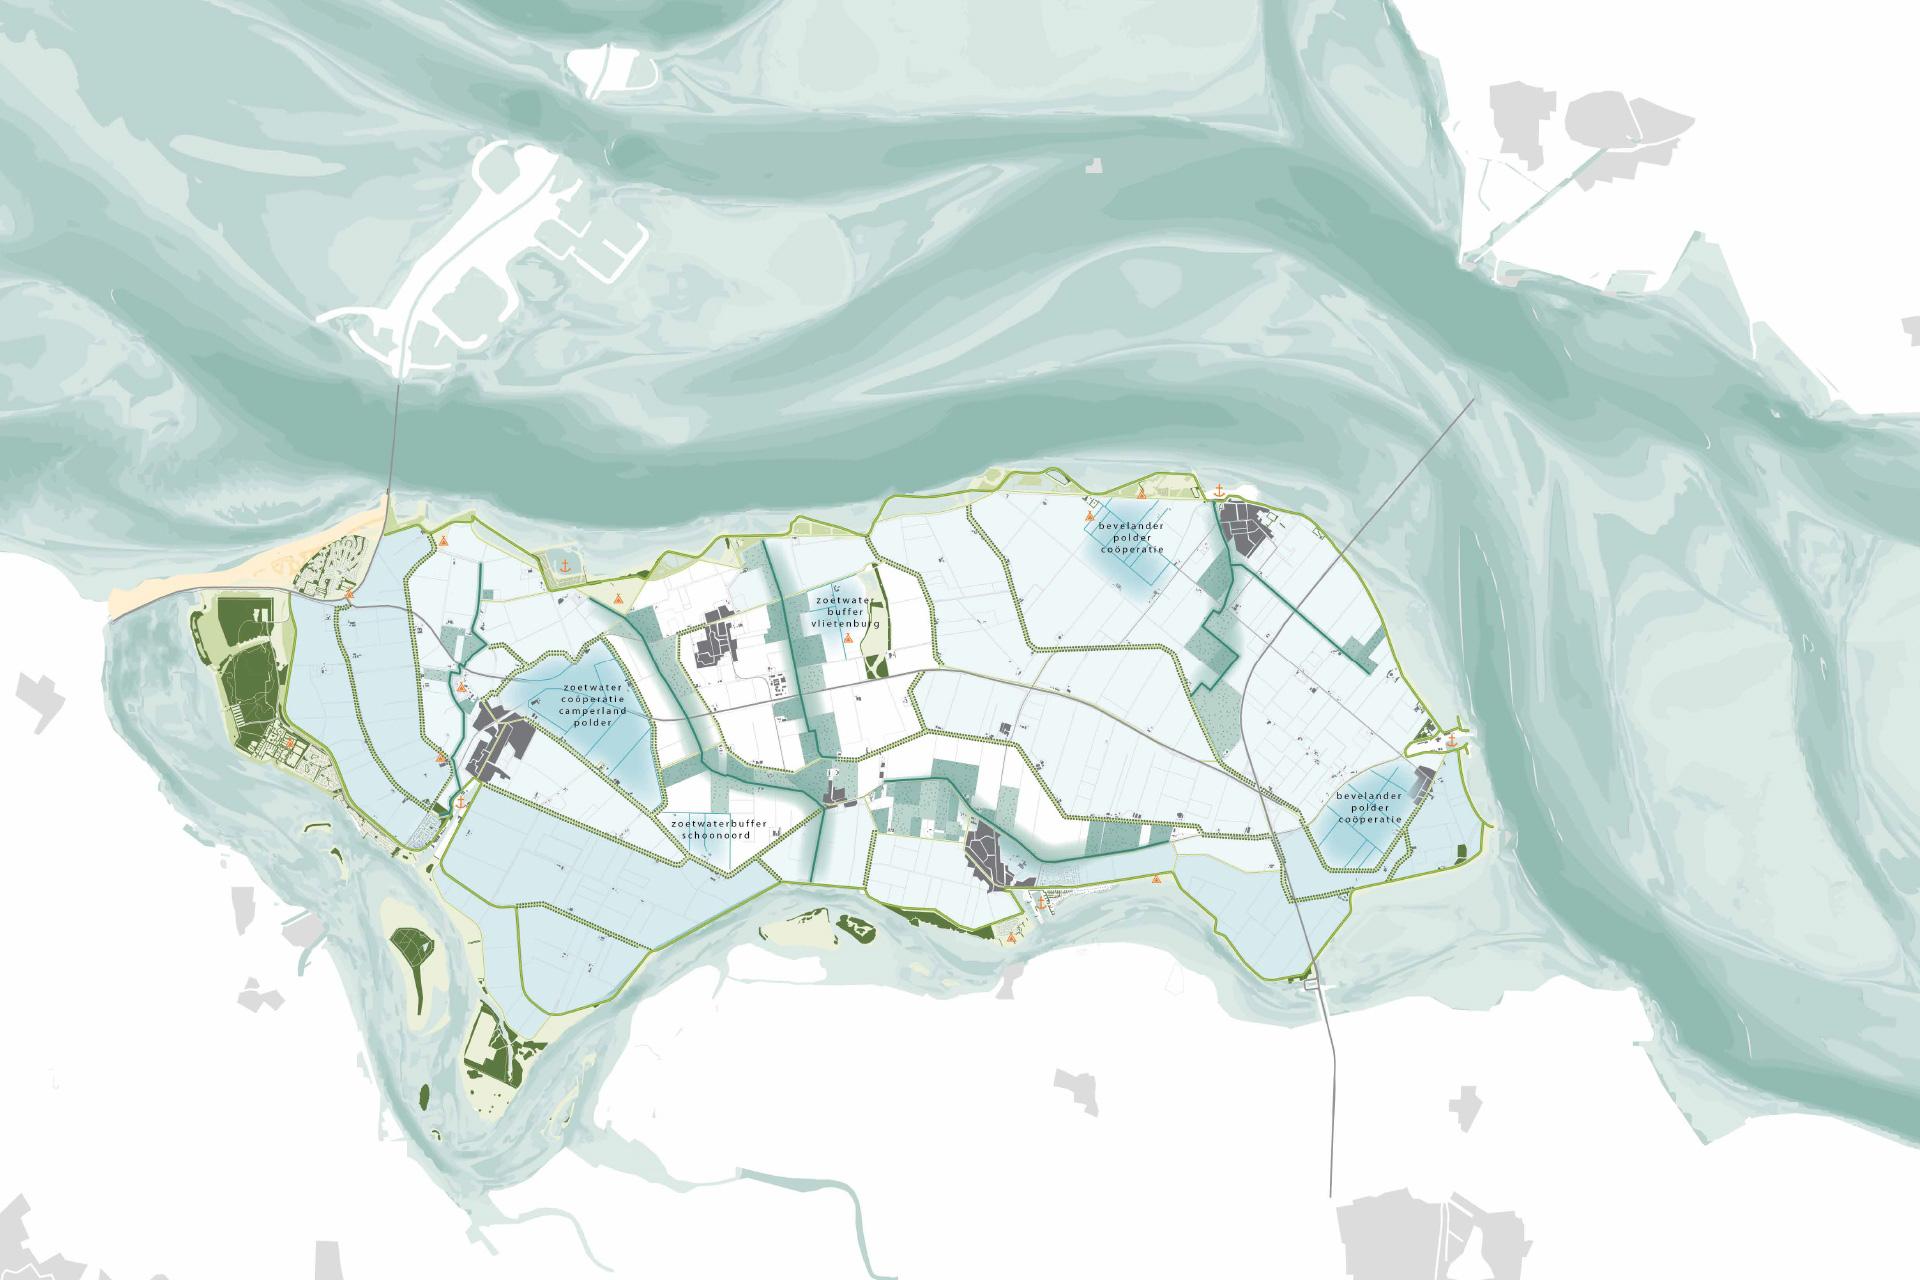 De Zoetwatercoöperatie Noord-Beveland, Zeeland